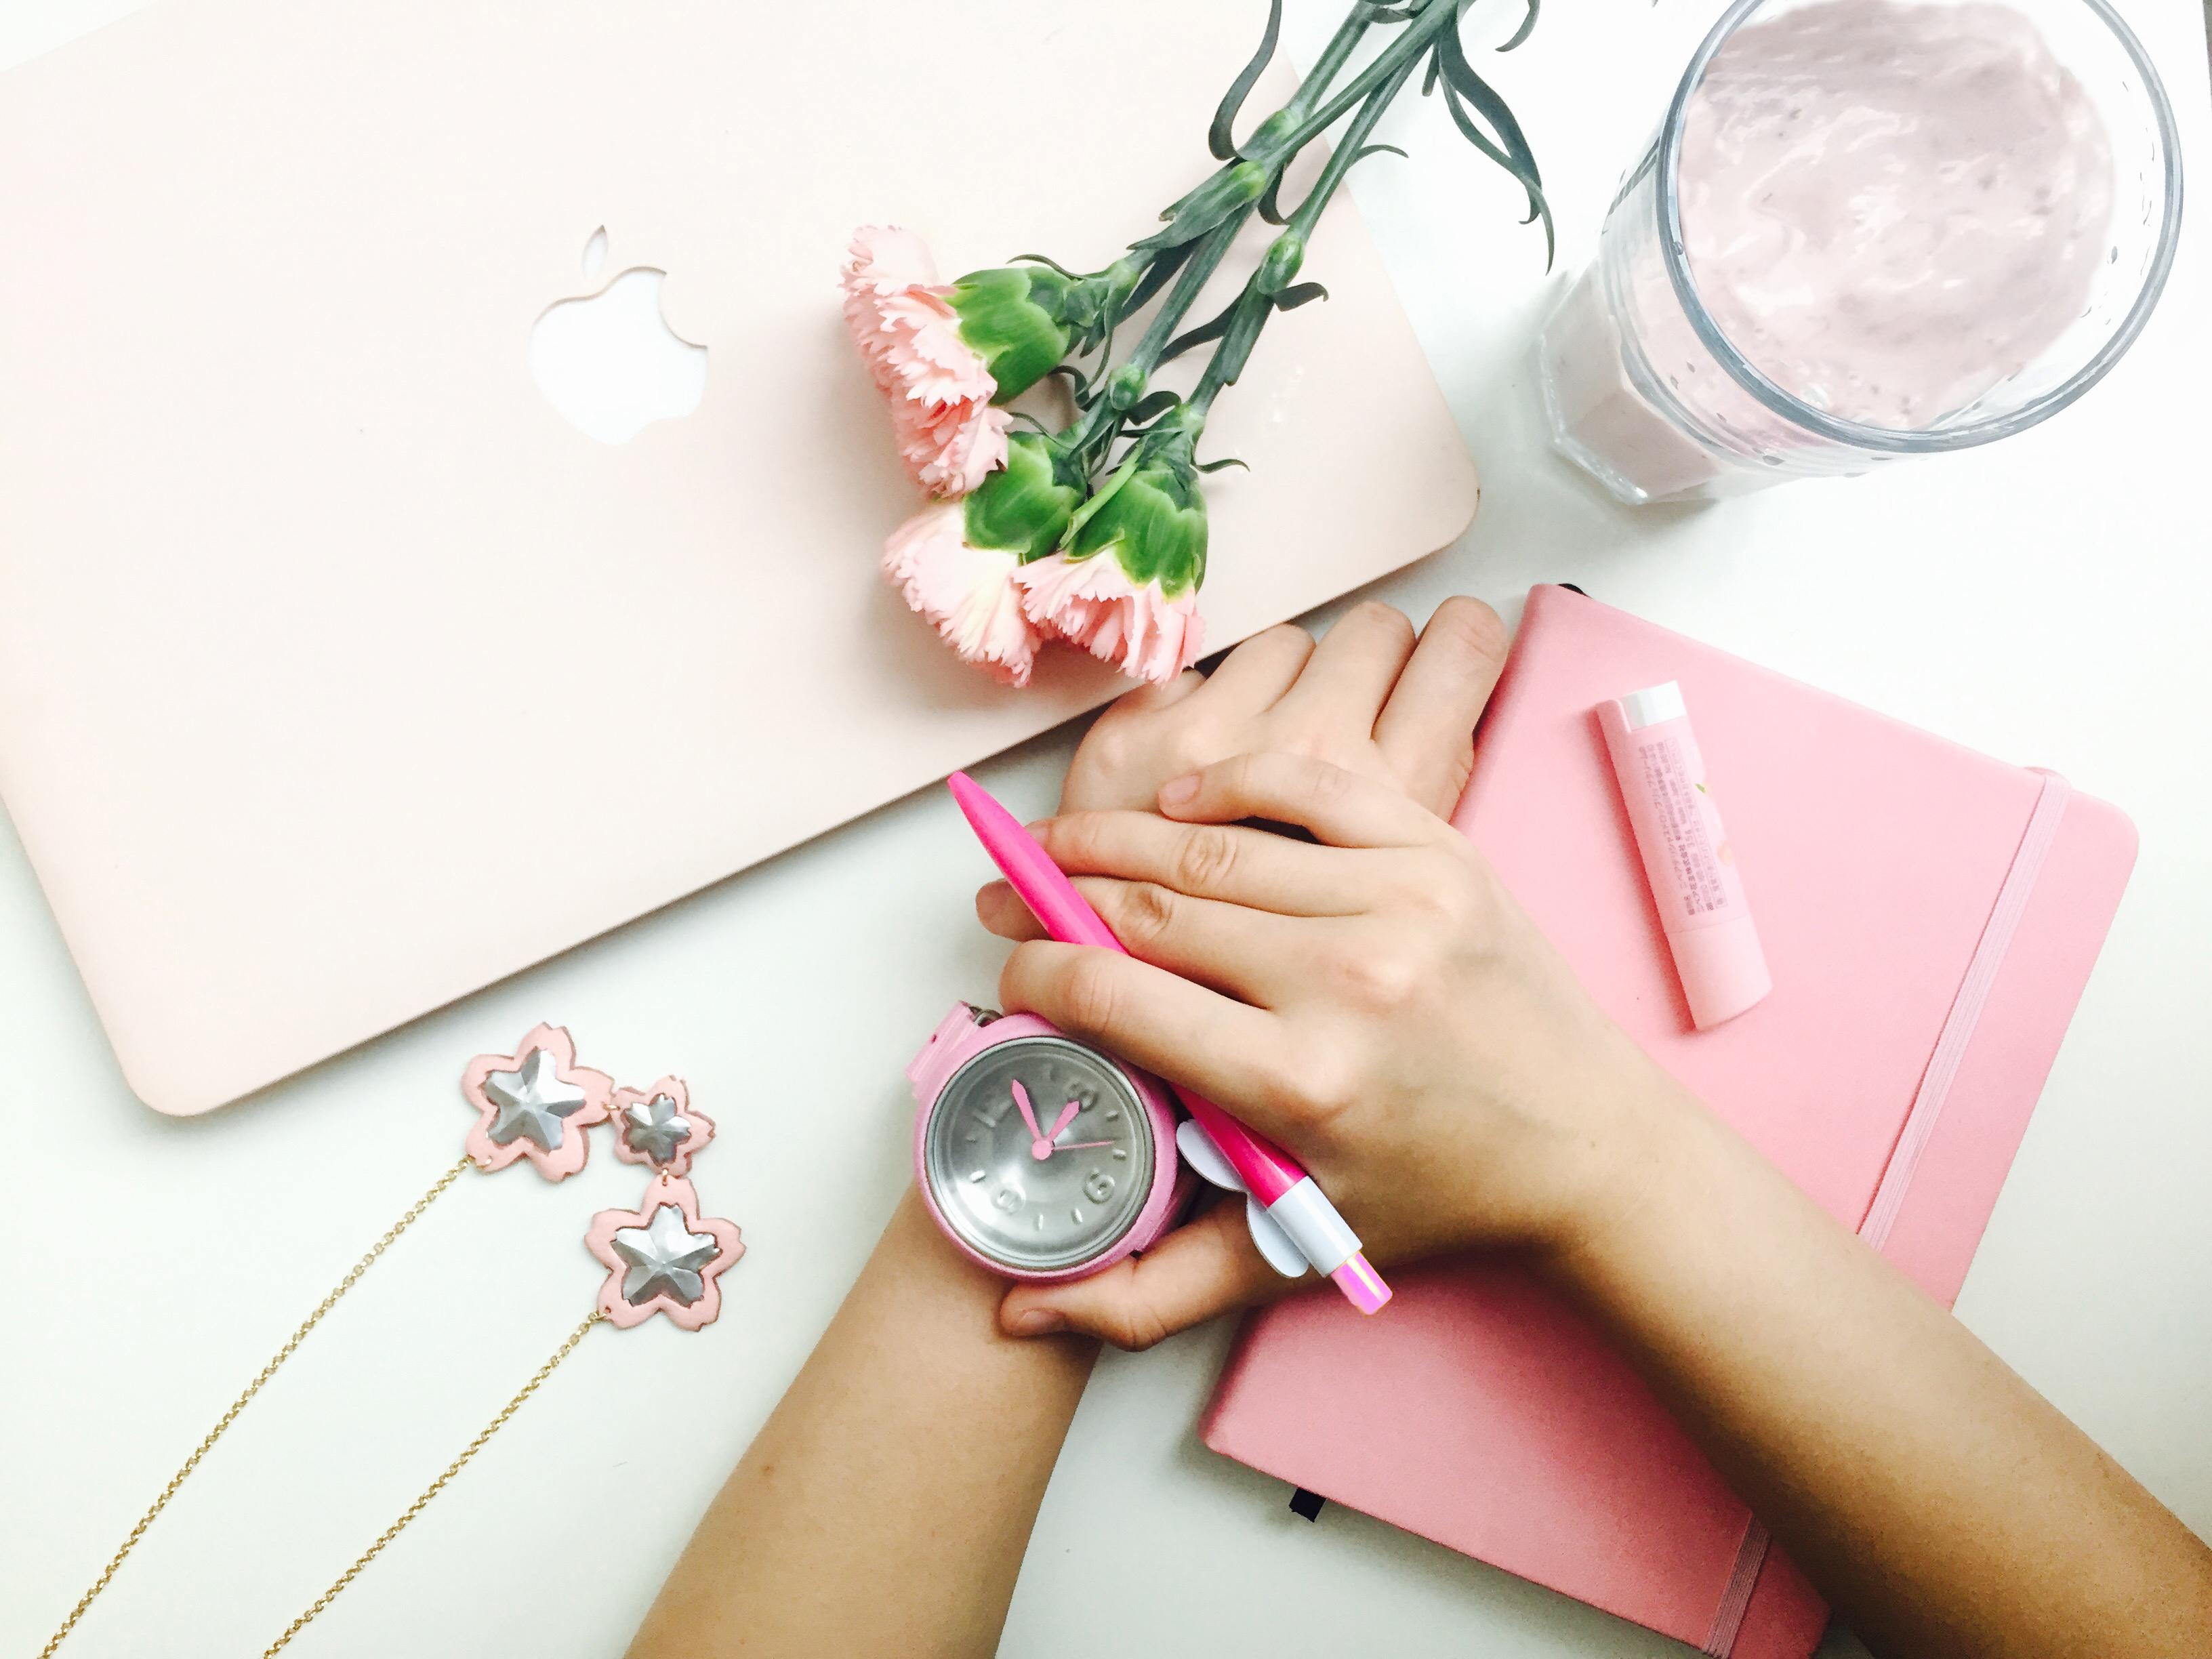 【粉紅令妳變得更美?】